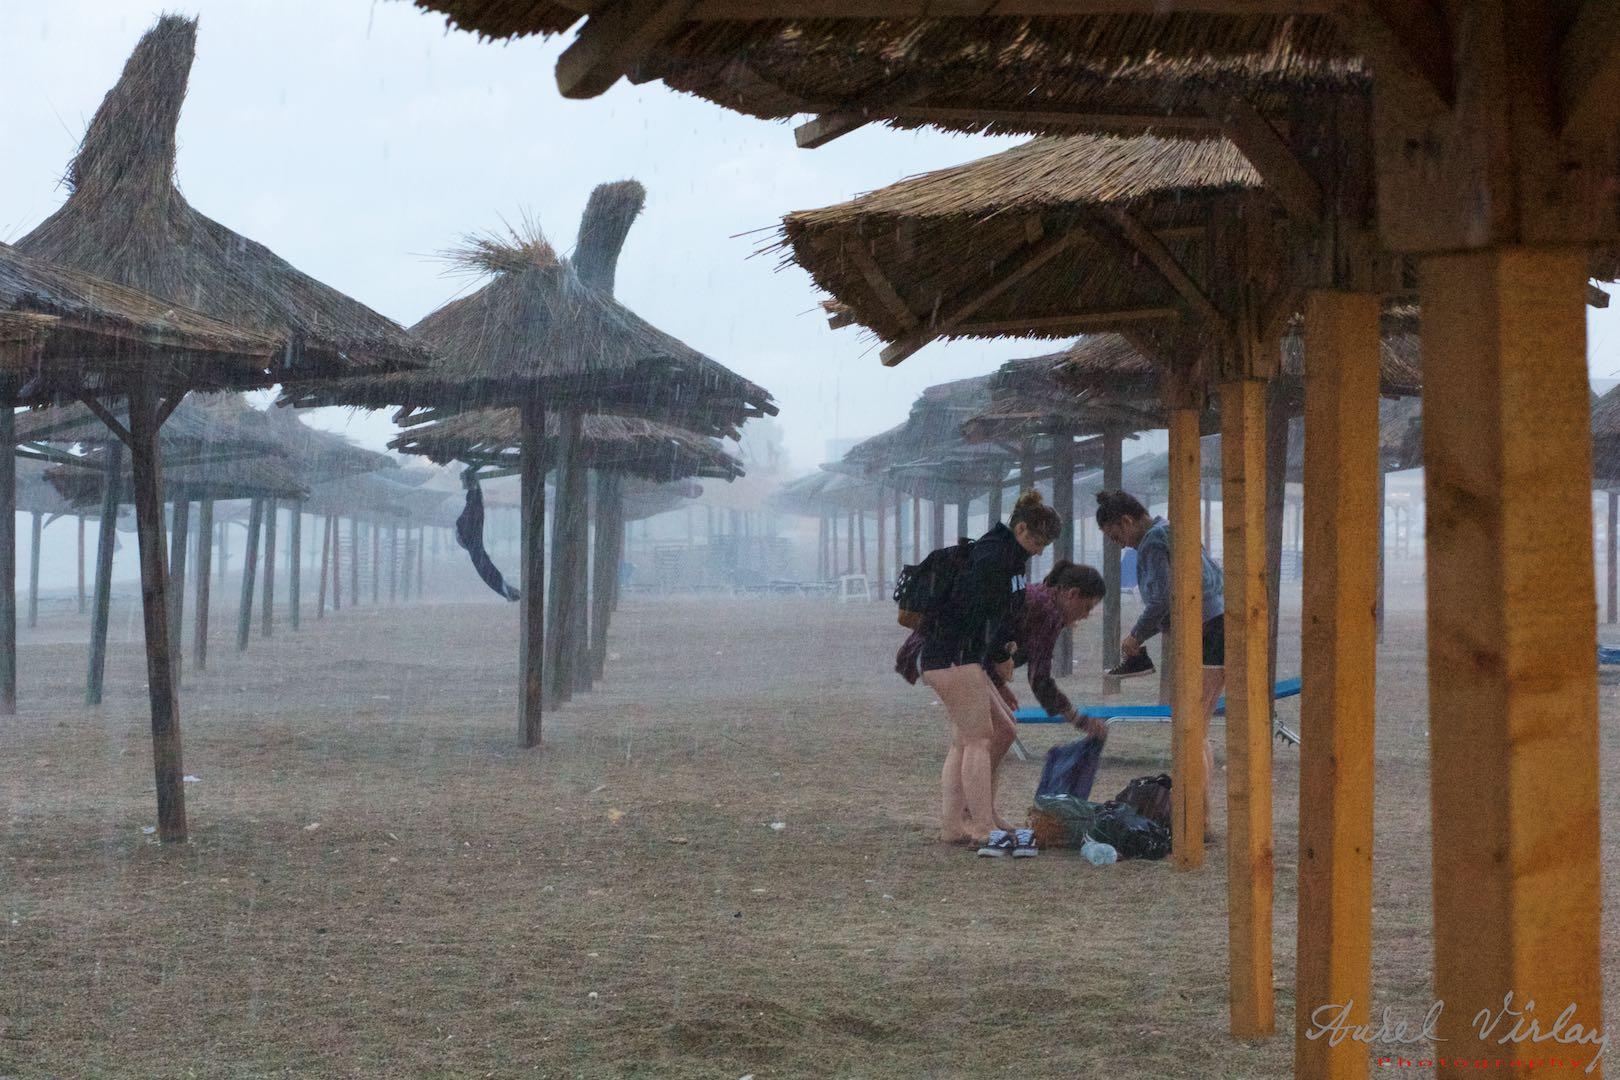 The storm has already begun! Beach umbrellas do not help much.